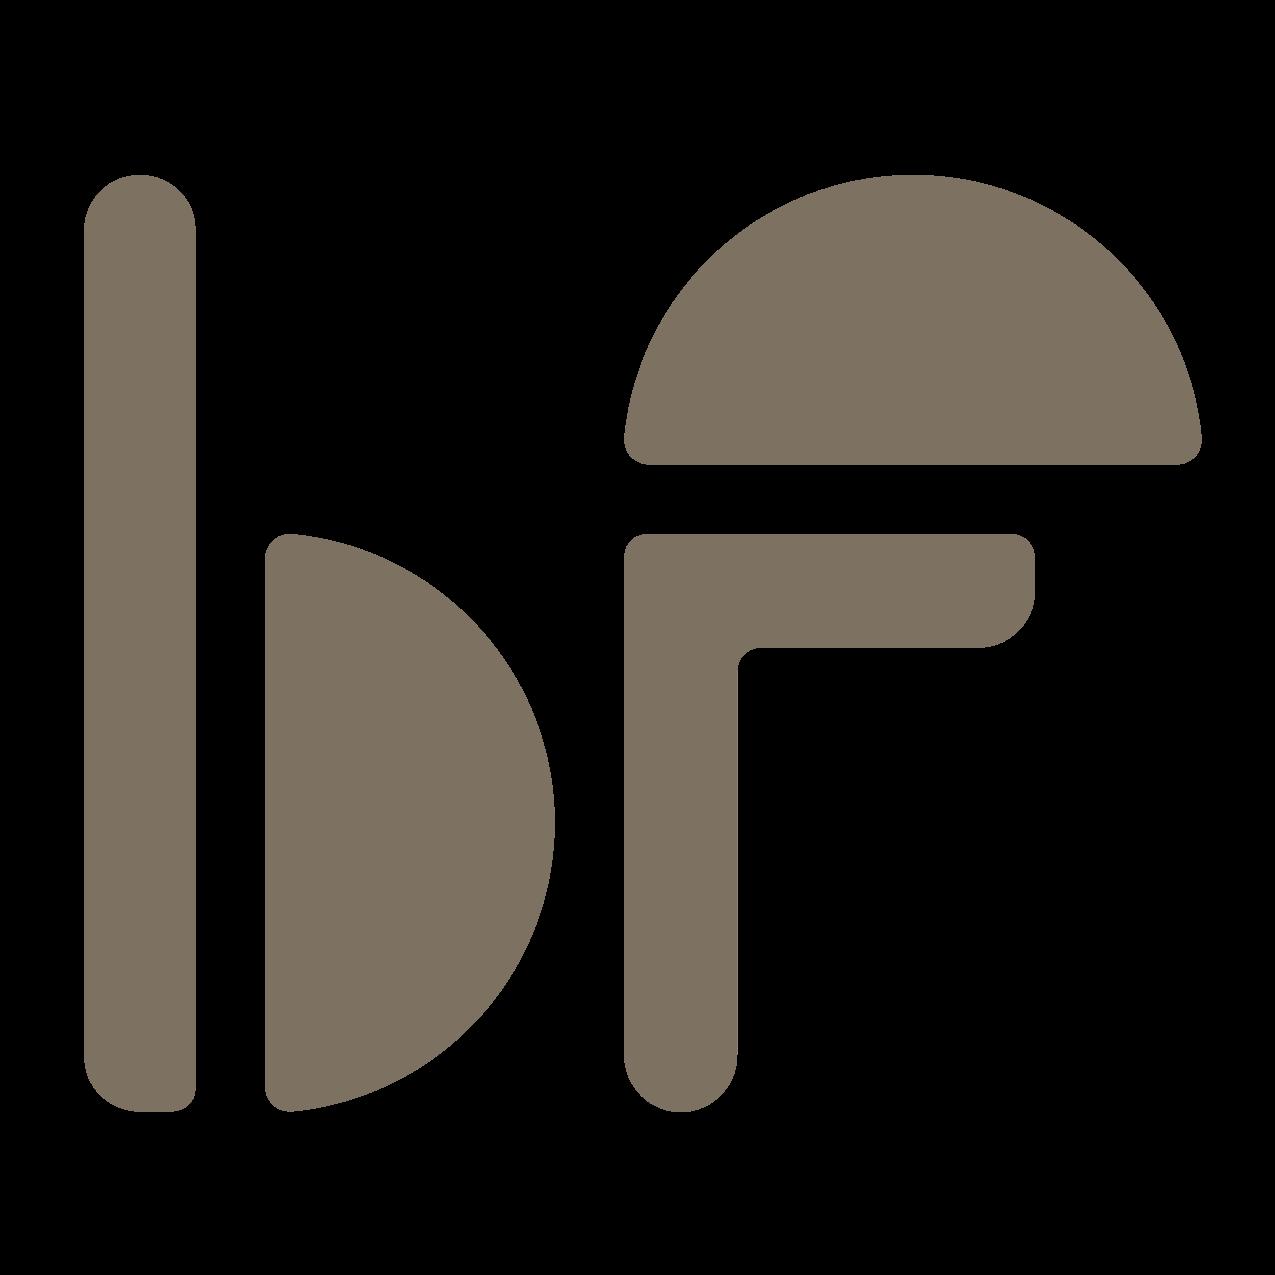 barefu